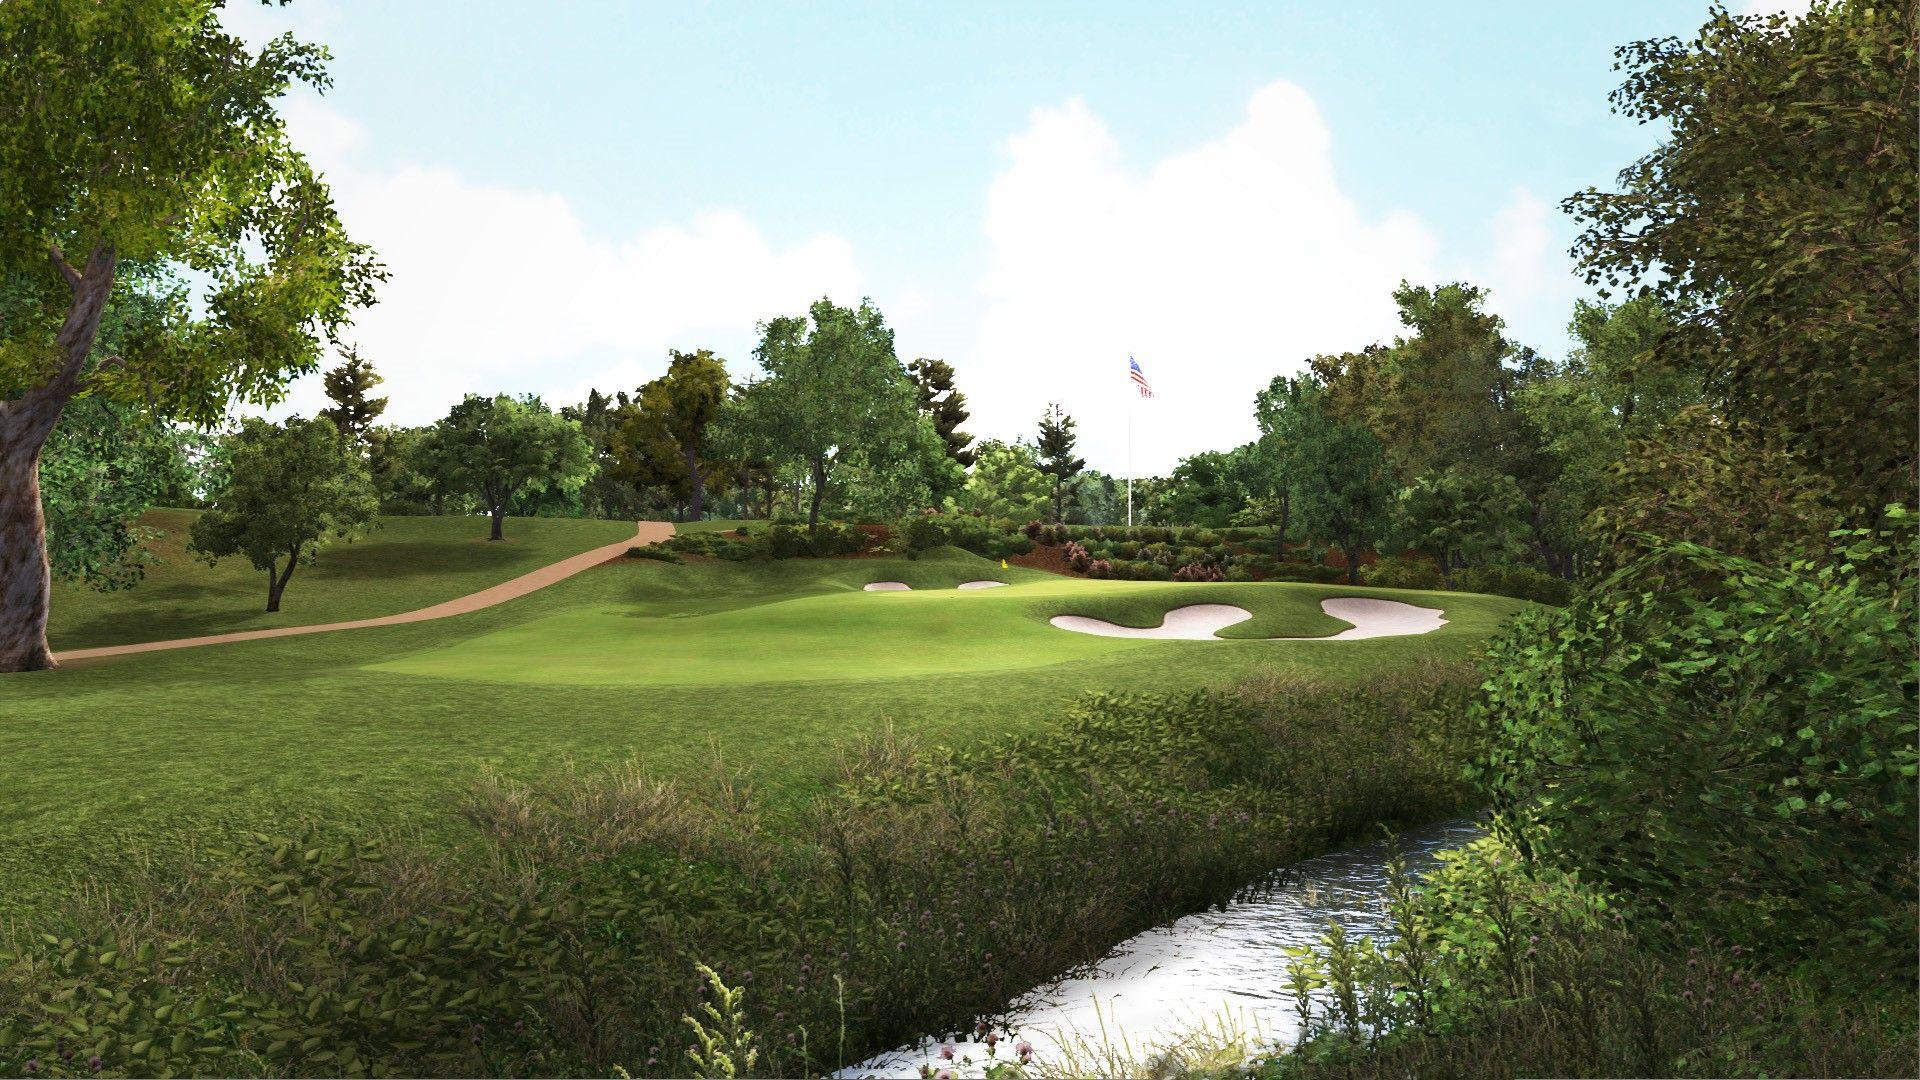 Trackman Simulator Course Bellerive Golf Simulators Indoor Golf Simulator Simulation